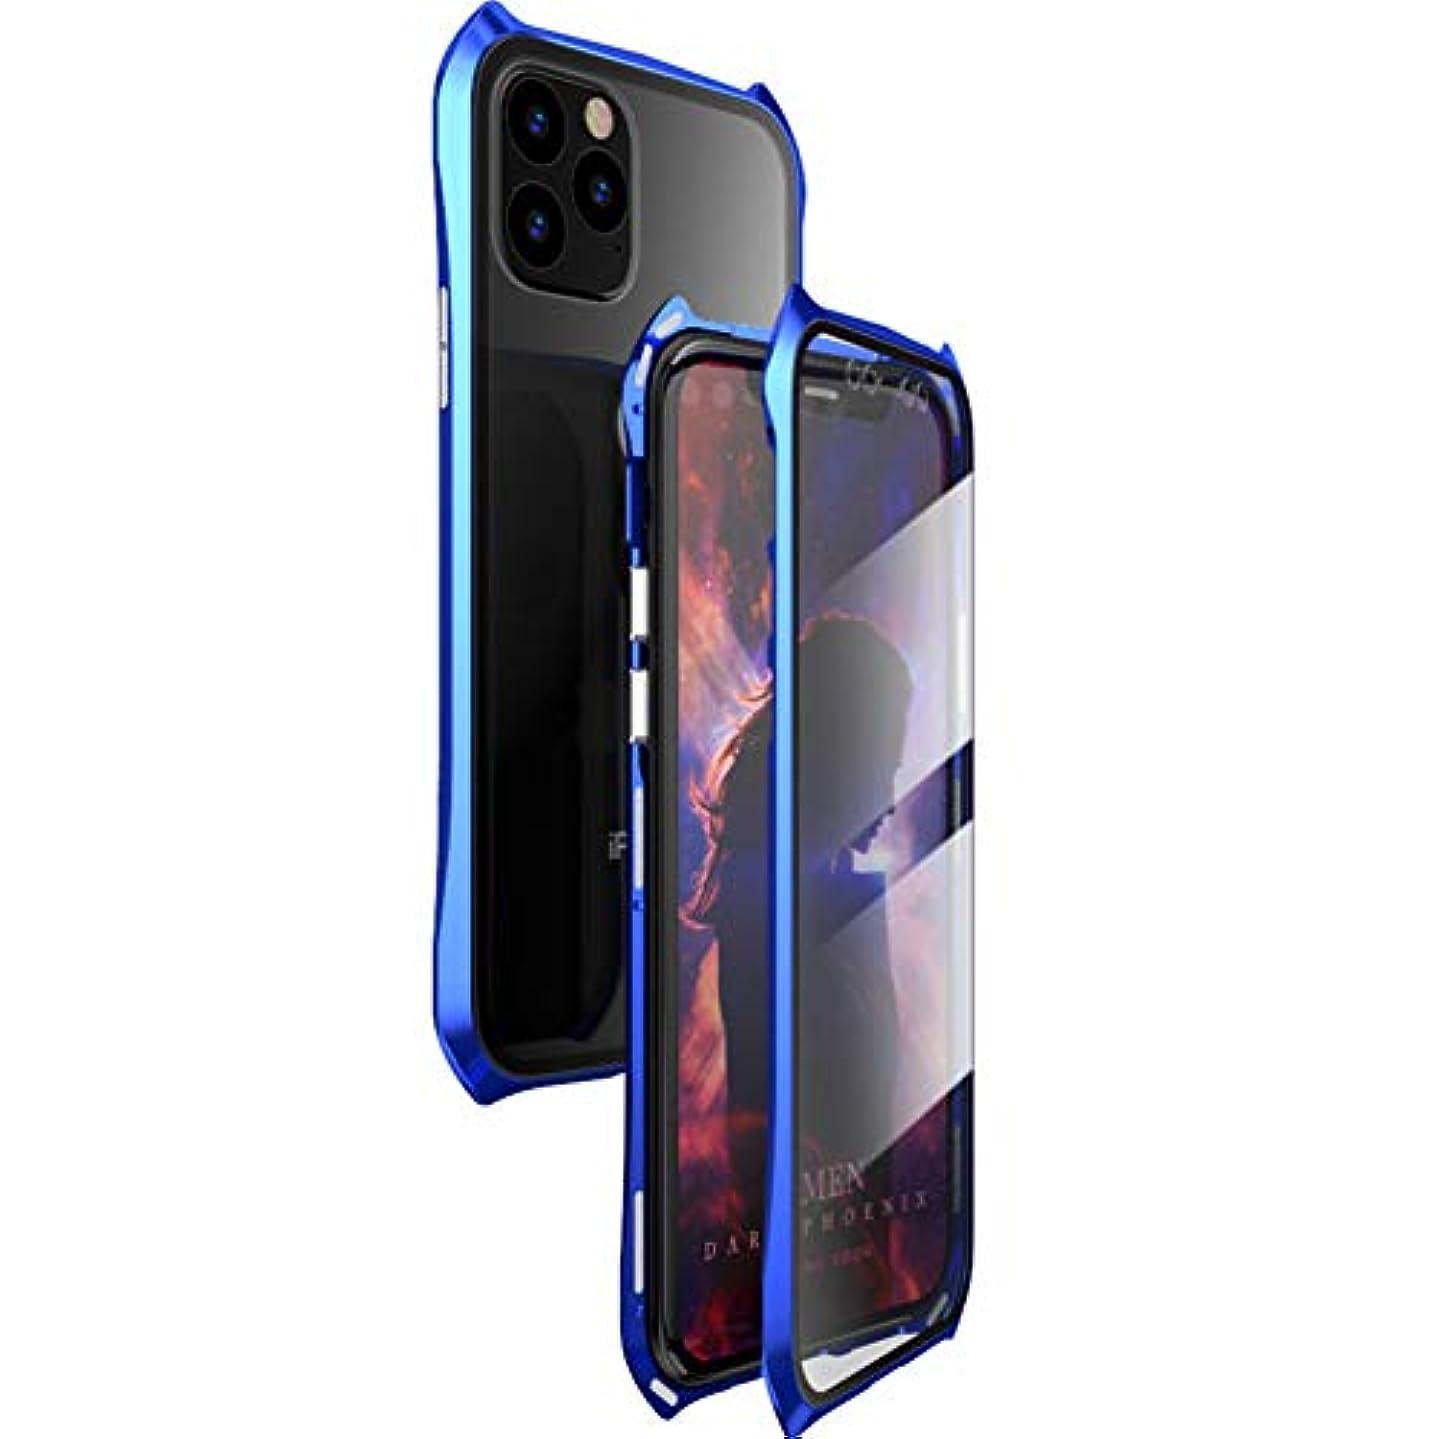 潮城ミリメートルIphone 保護カバー - 携帯電話シェル両面ガラス磁気キングアップル11保護カバーオールインクルーシブアンチフォール男性と女性の